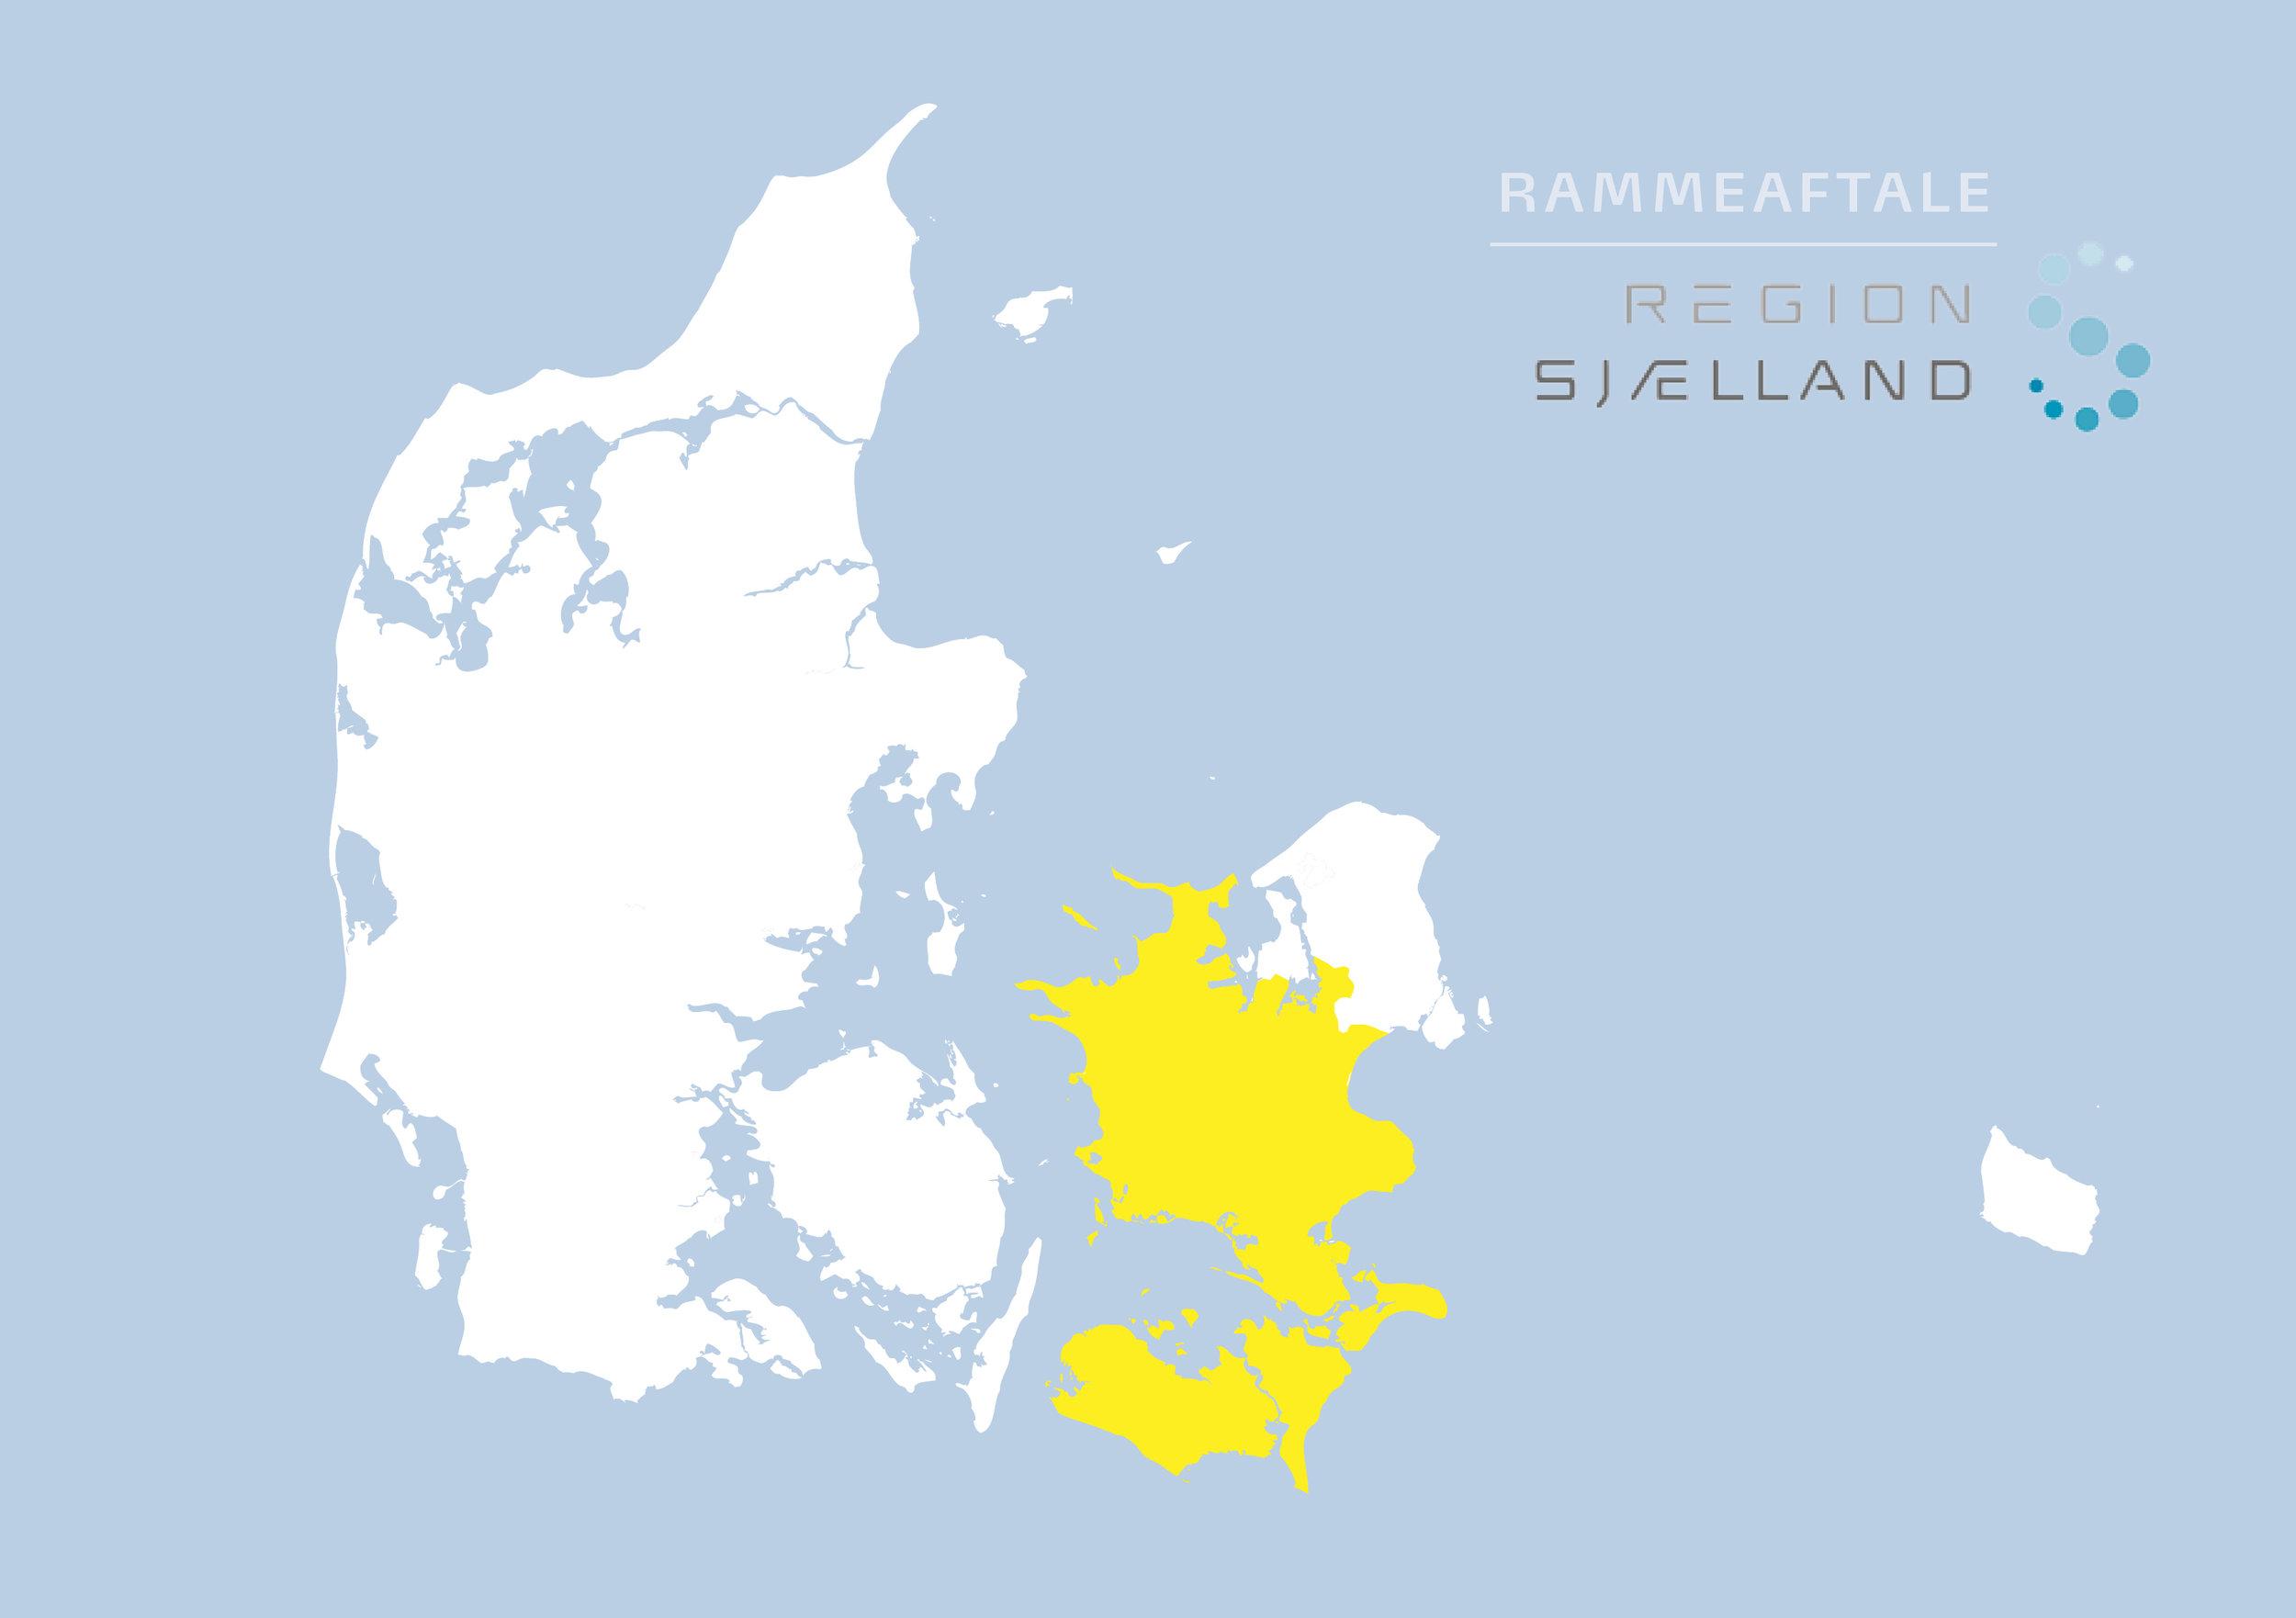 Karlsson arkitekter_rammeaftale Region Sjælland VUNDET.jpg